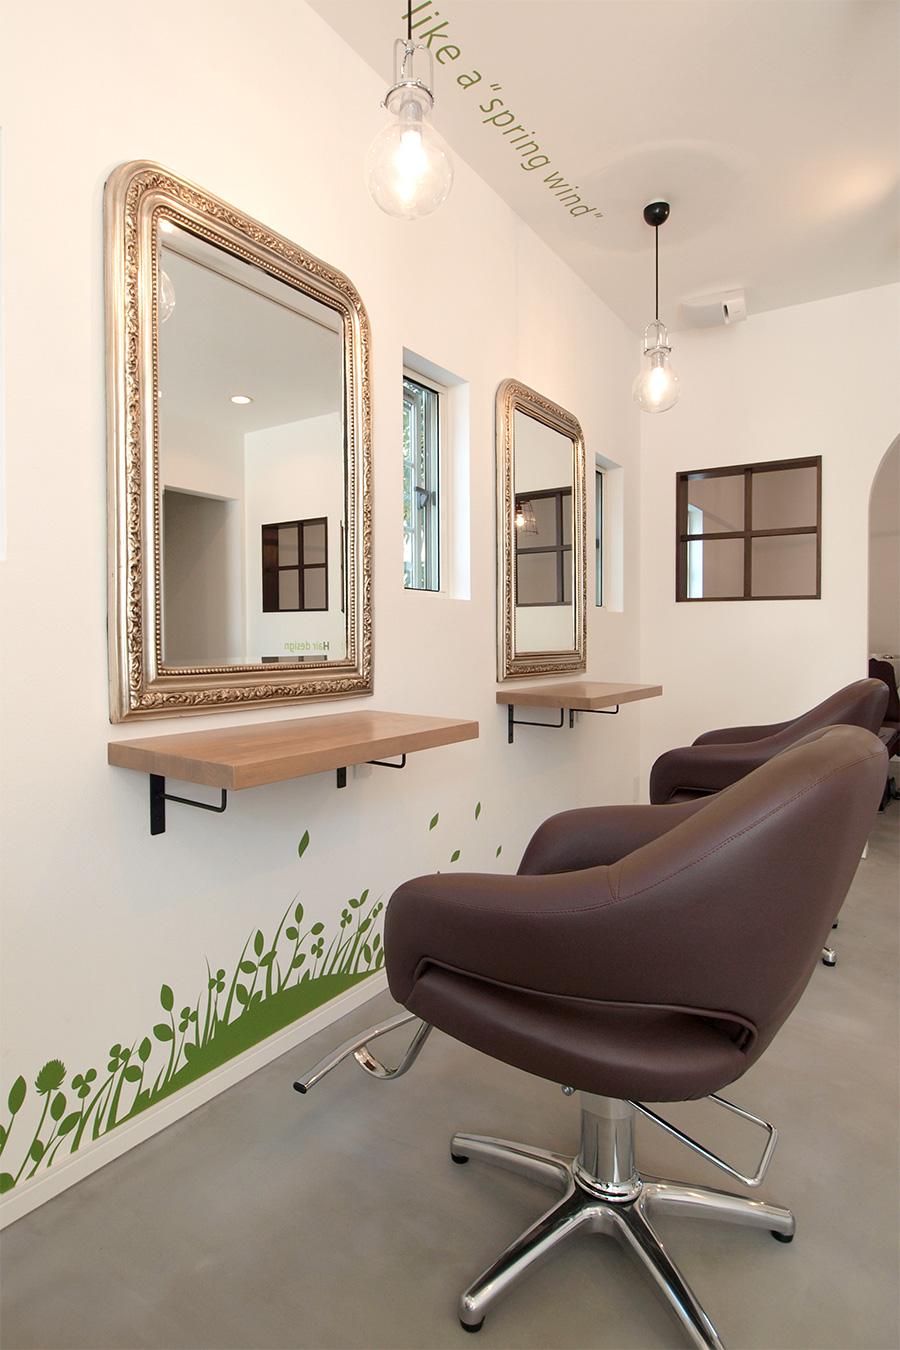 美容室のカットスペース